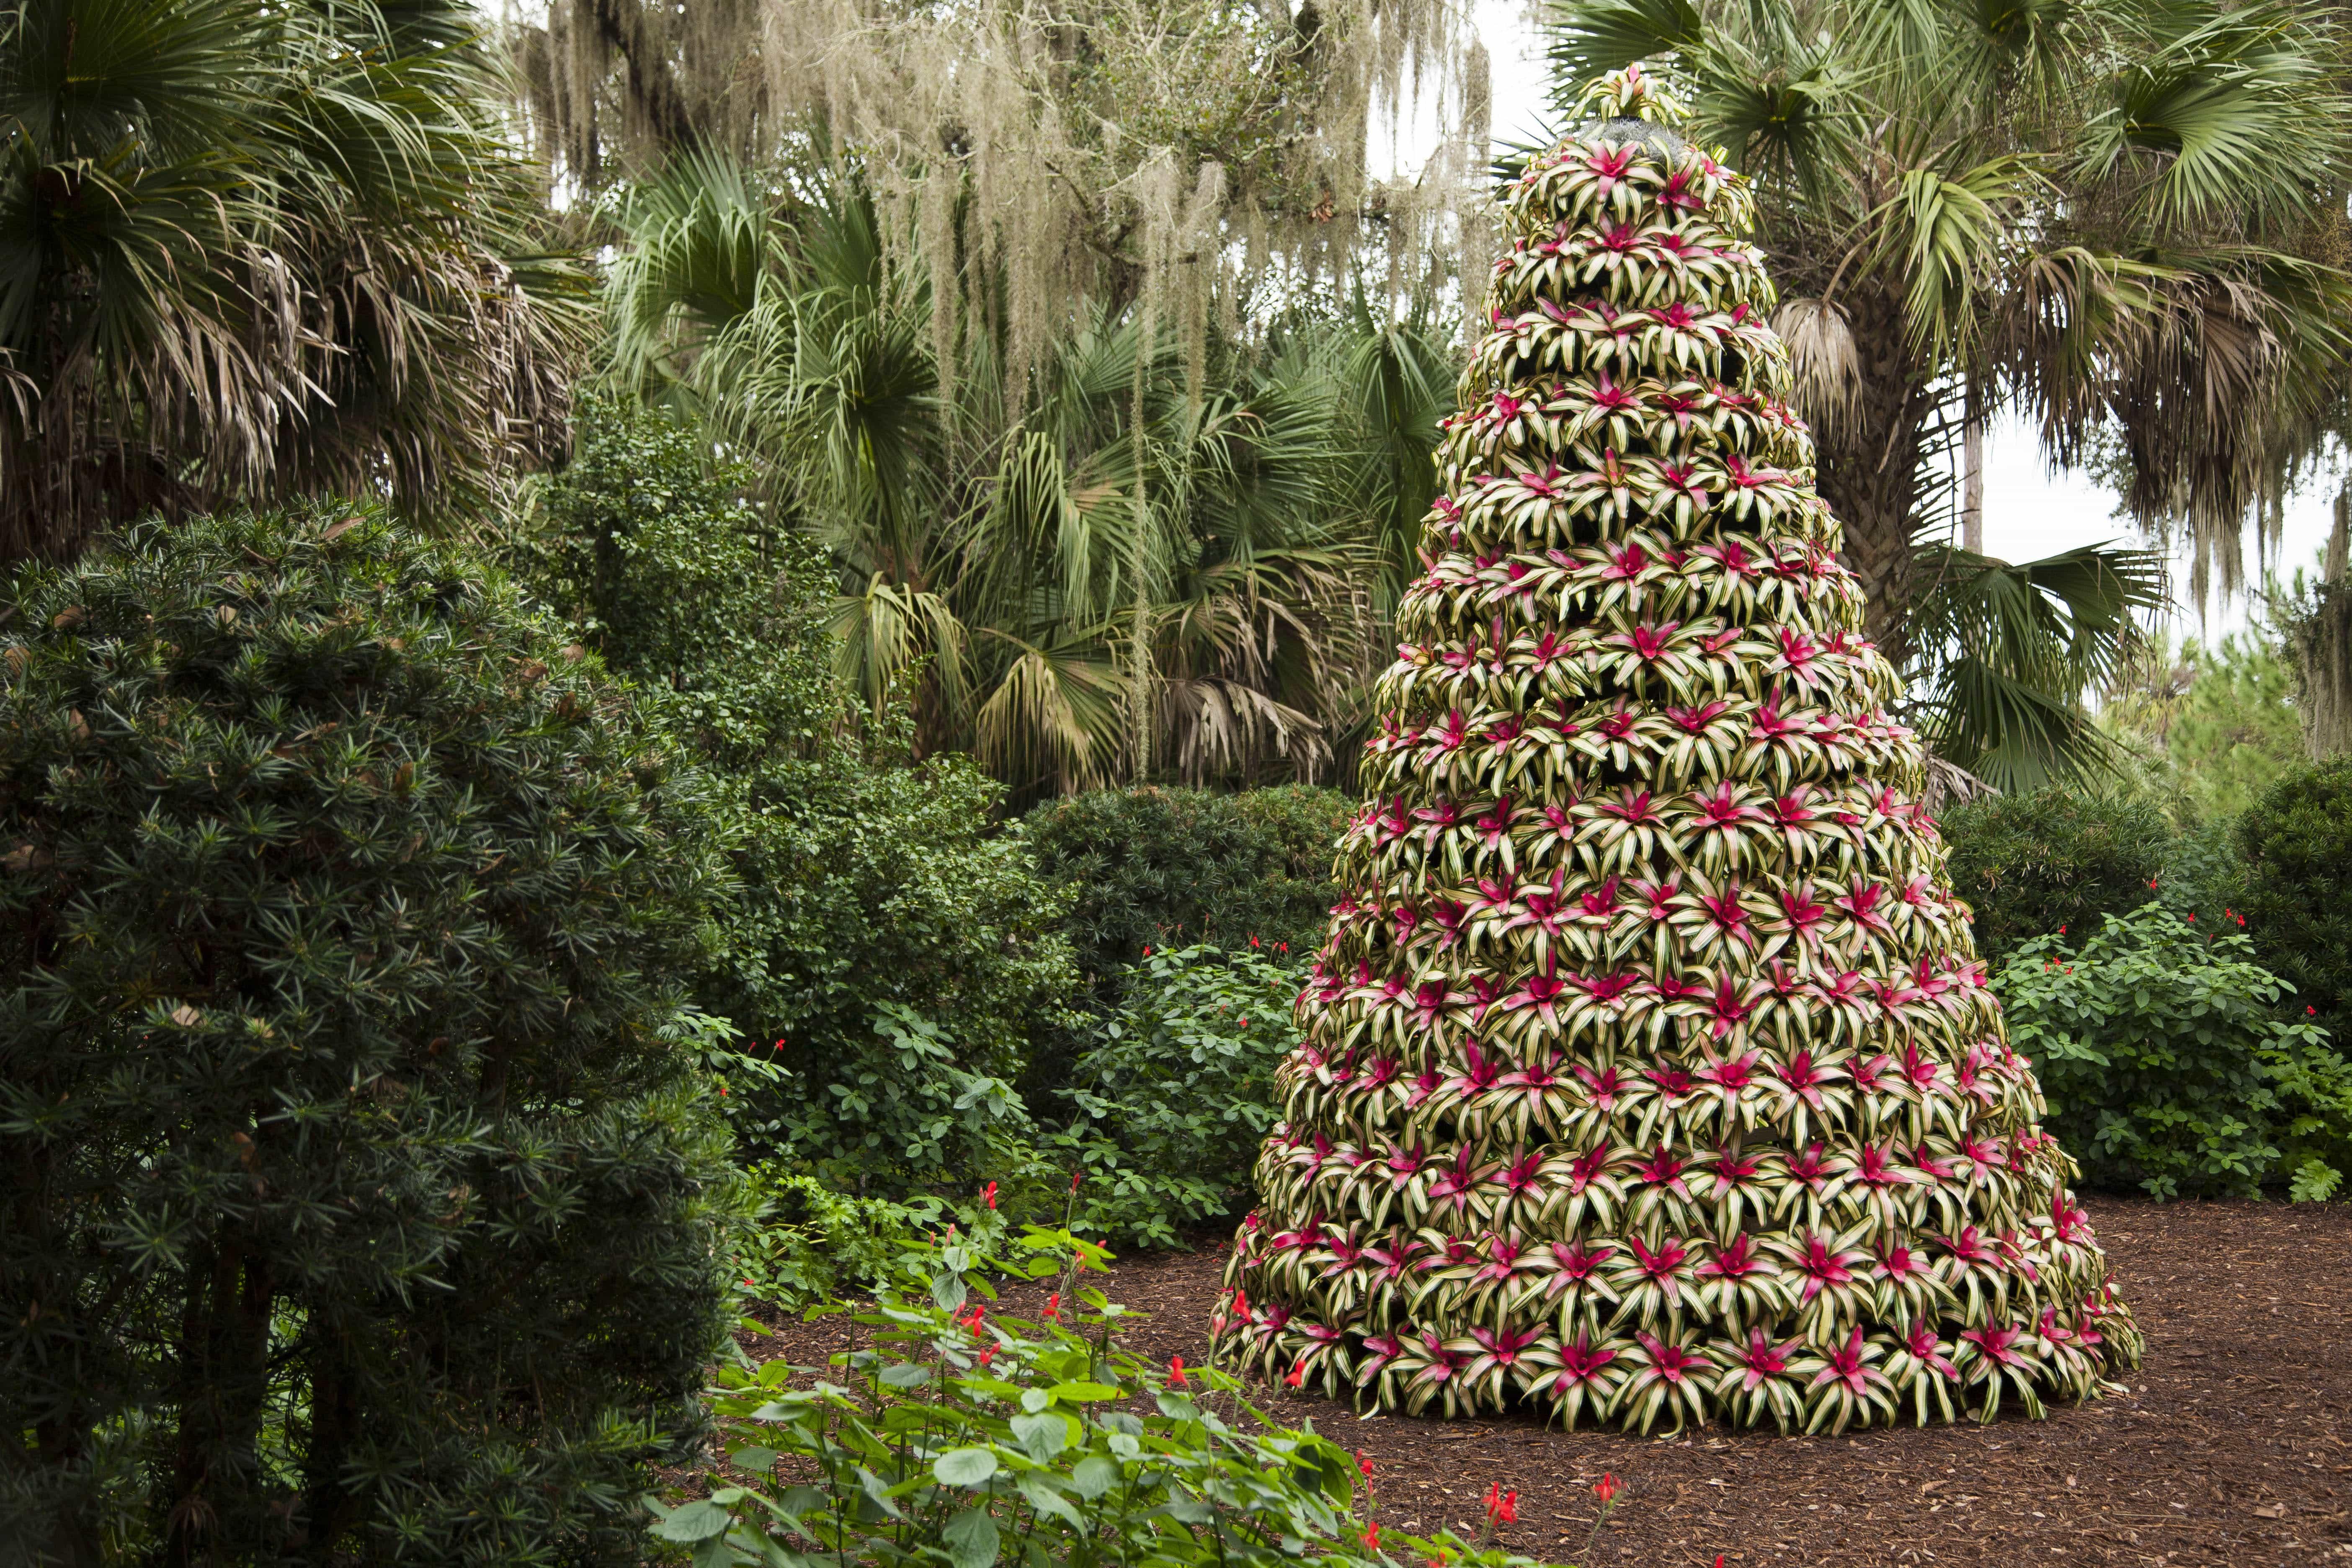 Florida Botanical Garden Florida Botanical Gardens November 25